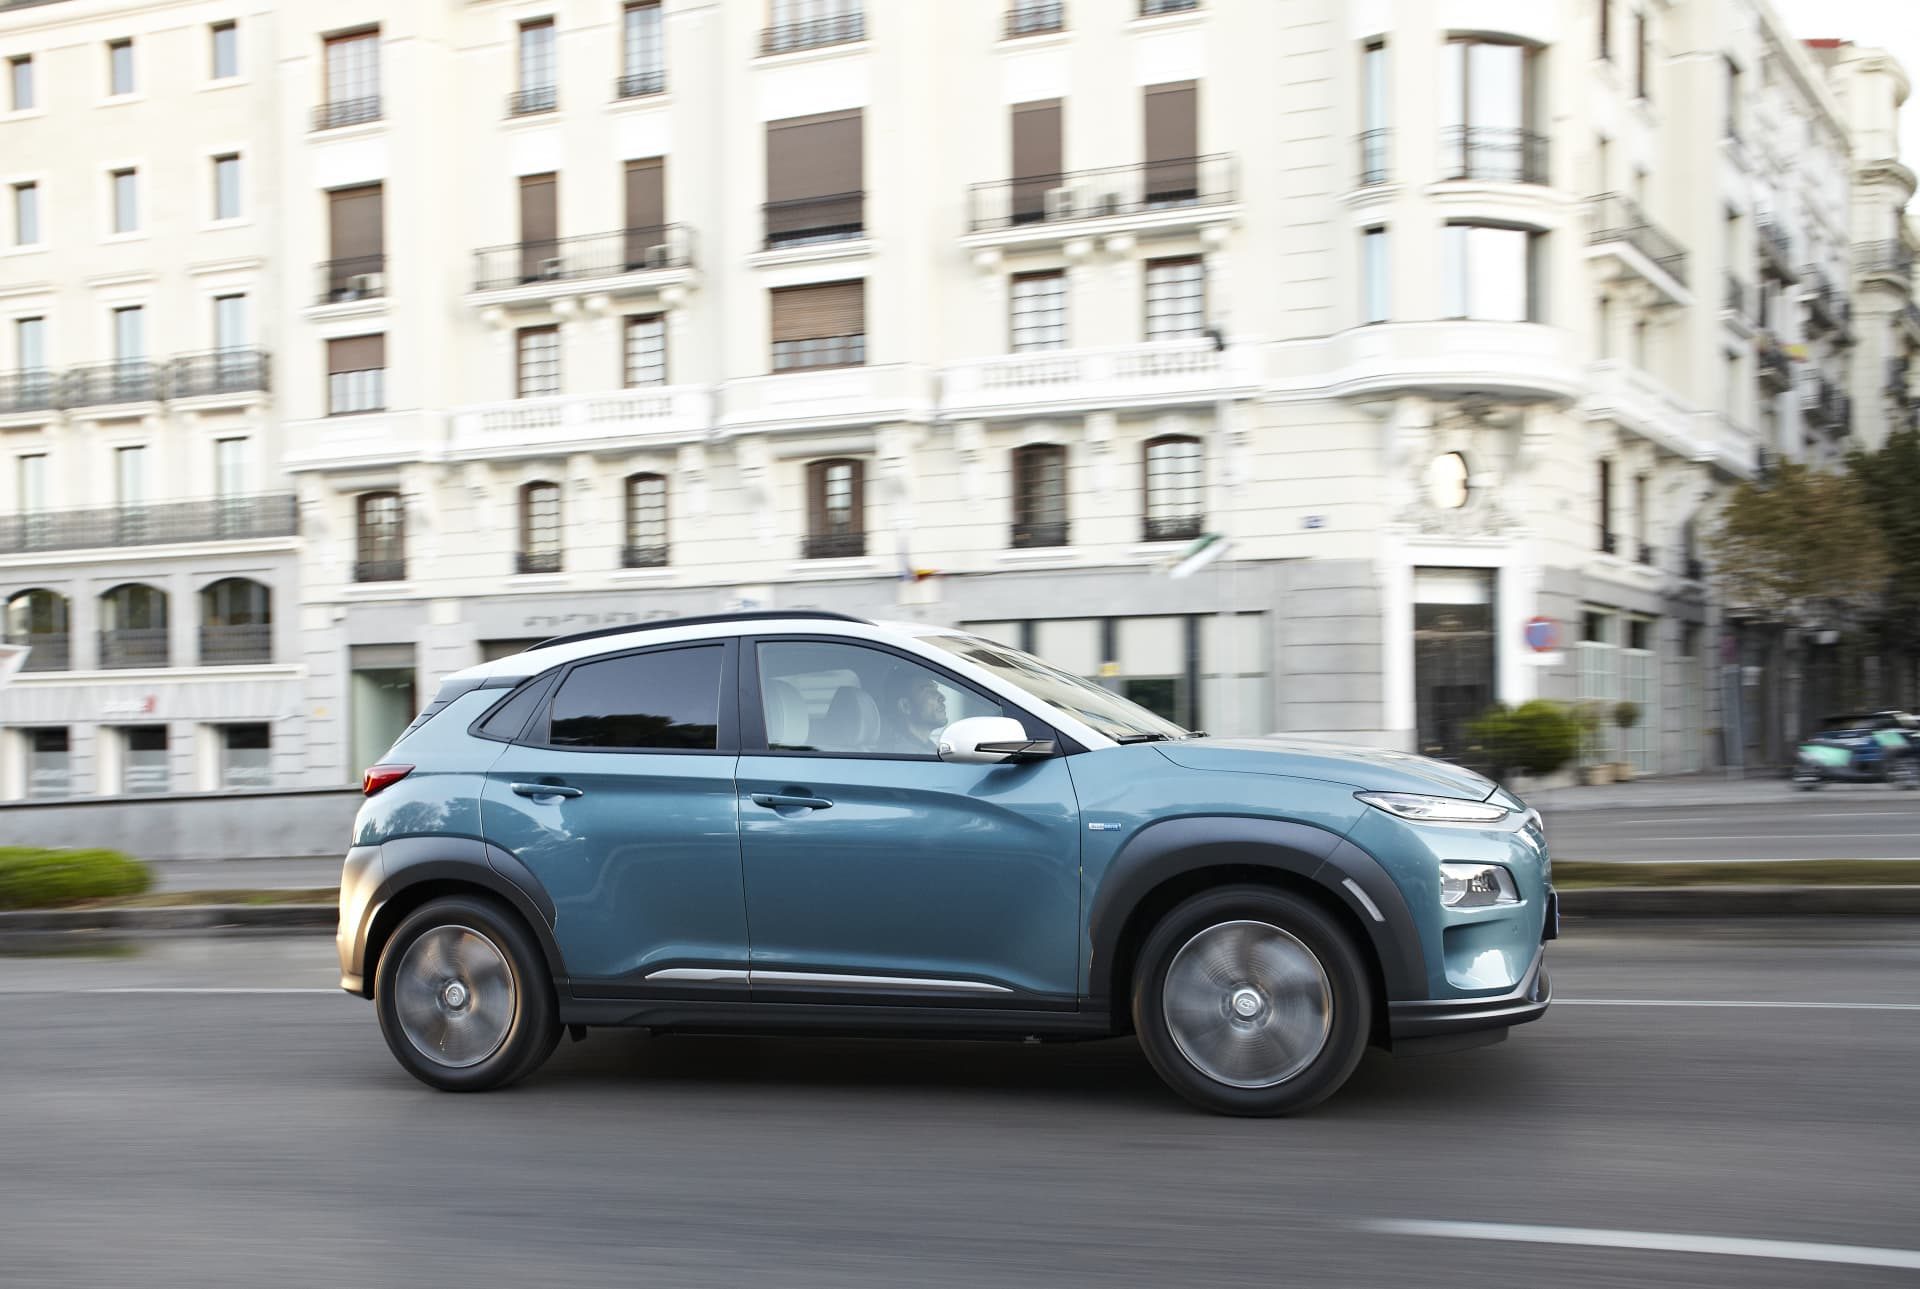 Hyundai Kona Fotos Dm 21